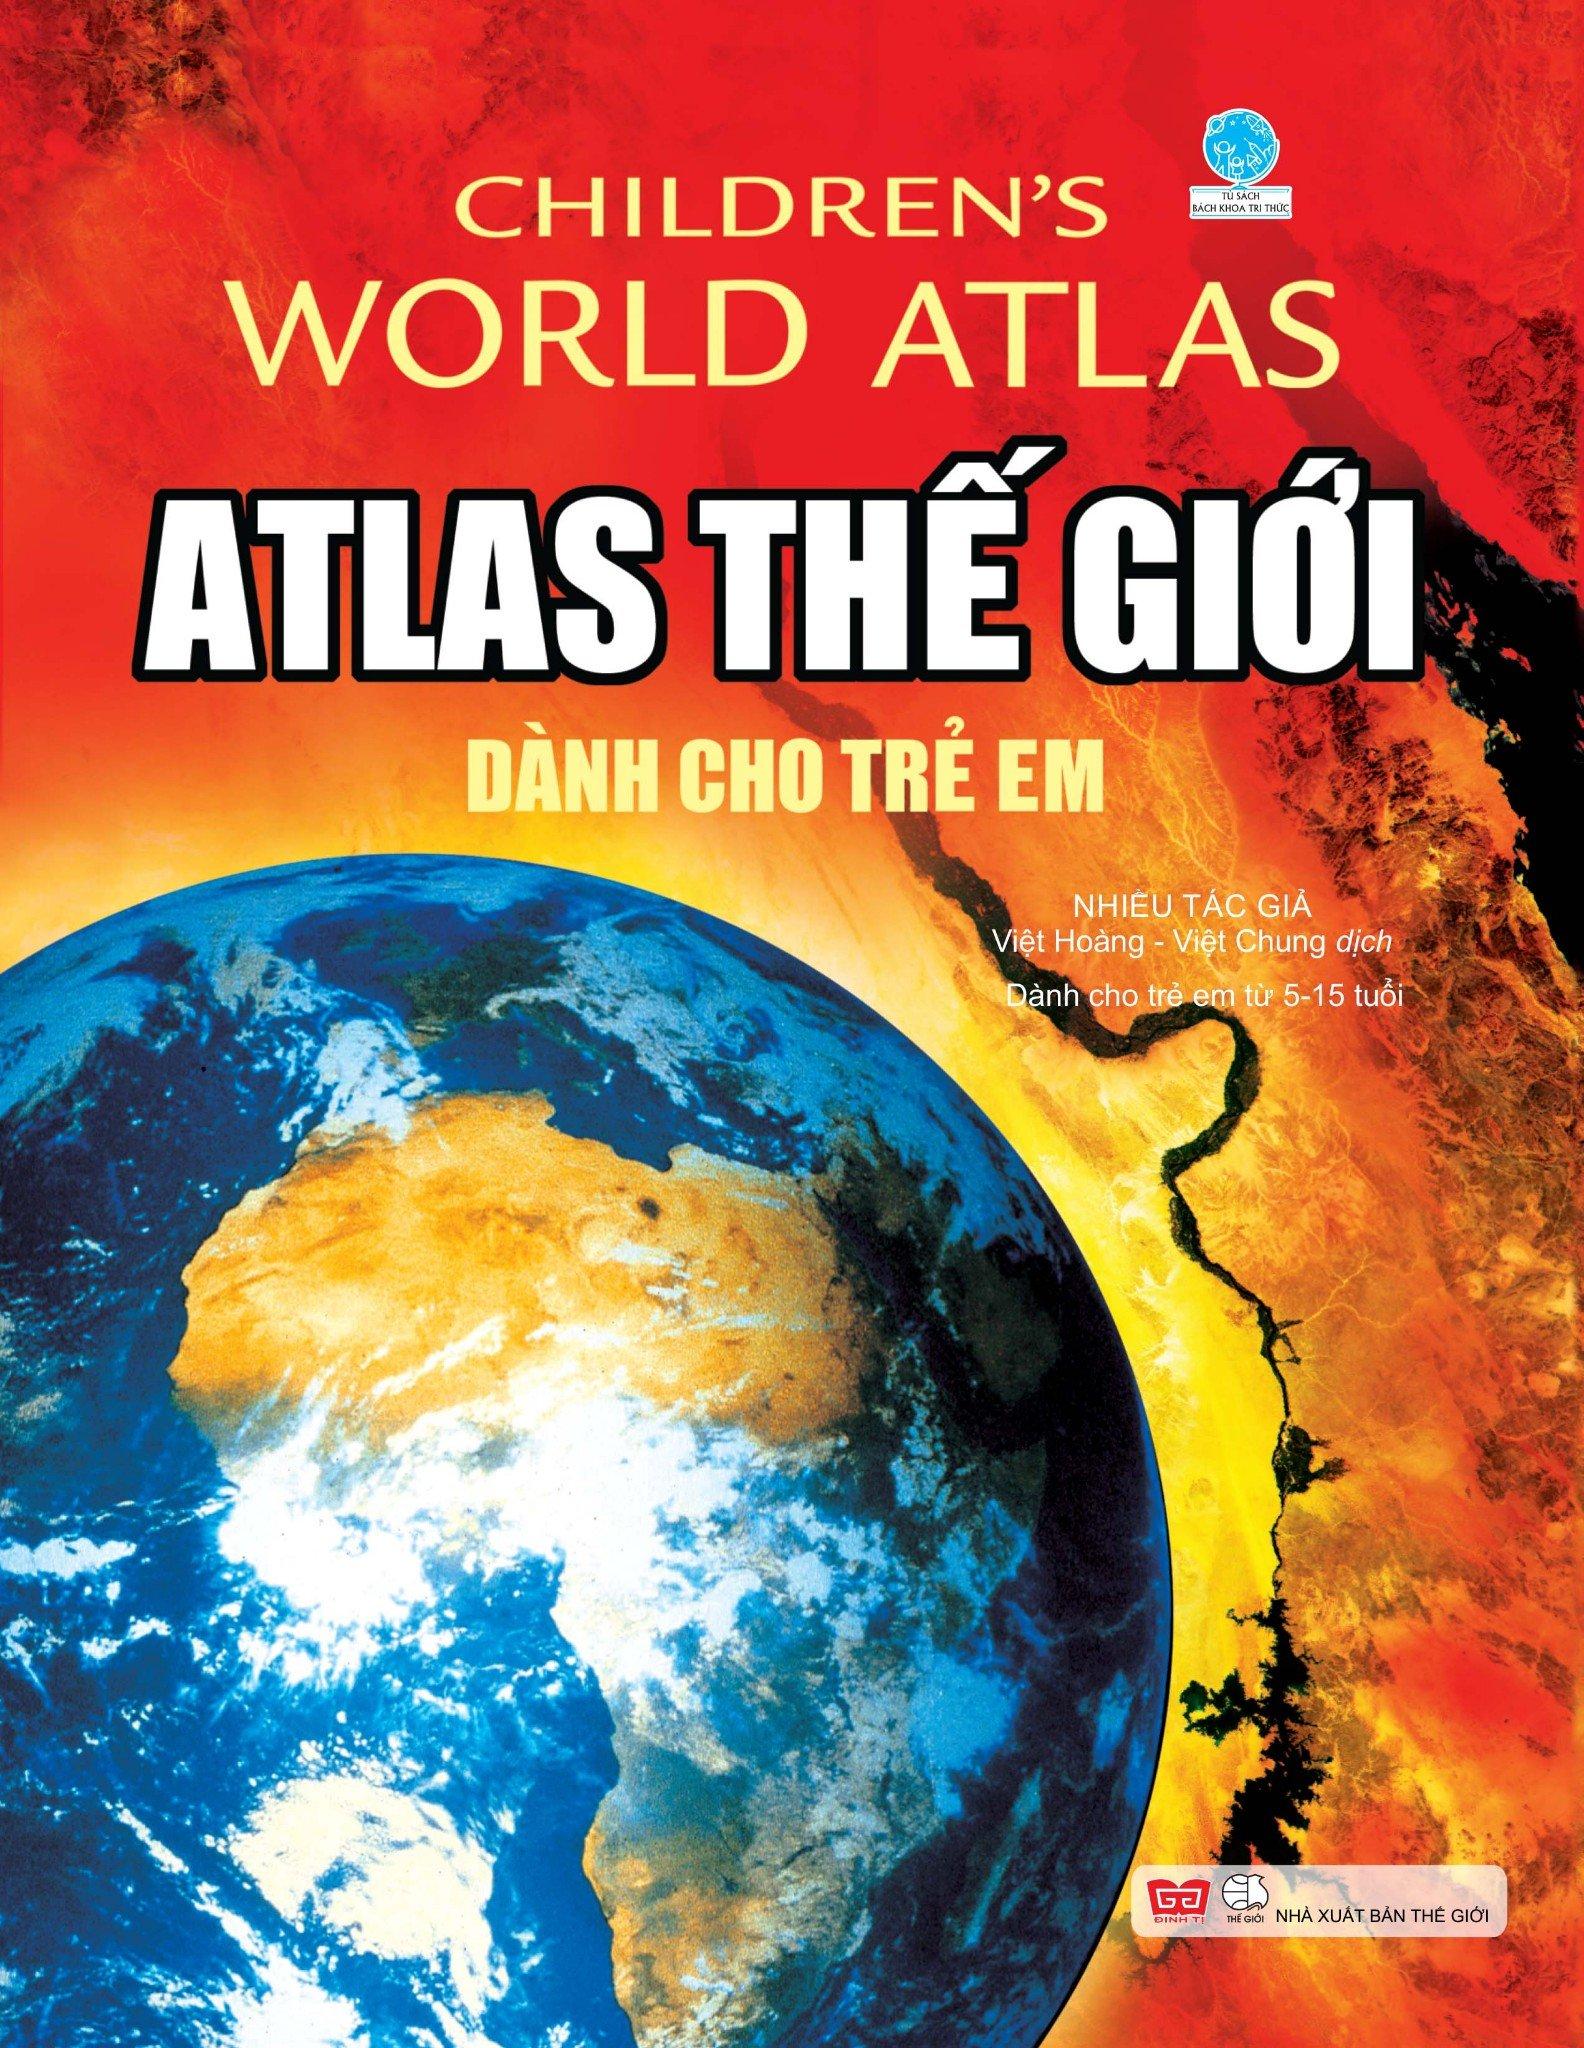 Atlas th.giới dành cho trẻ em (Tái bản 2018)